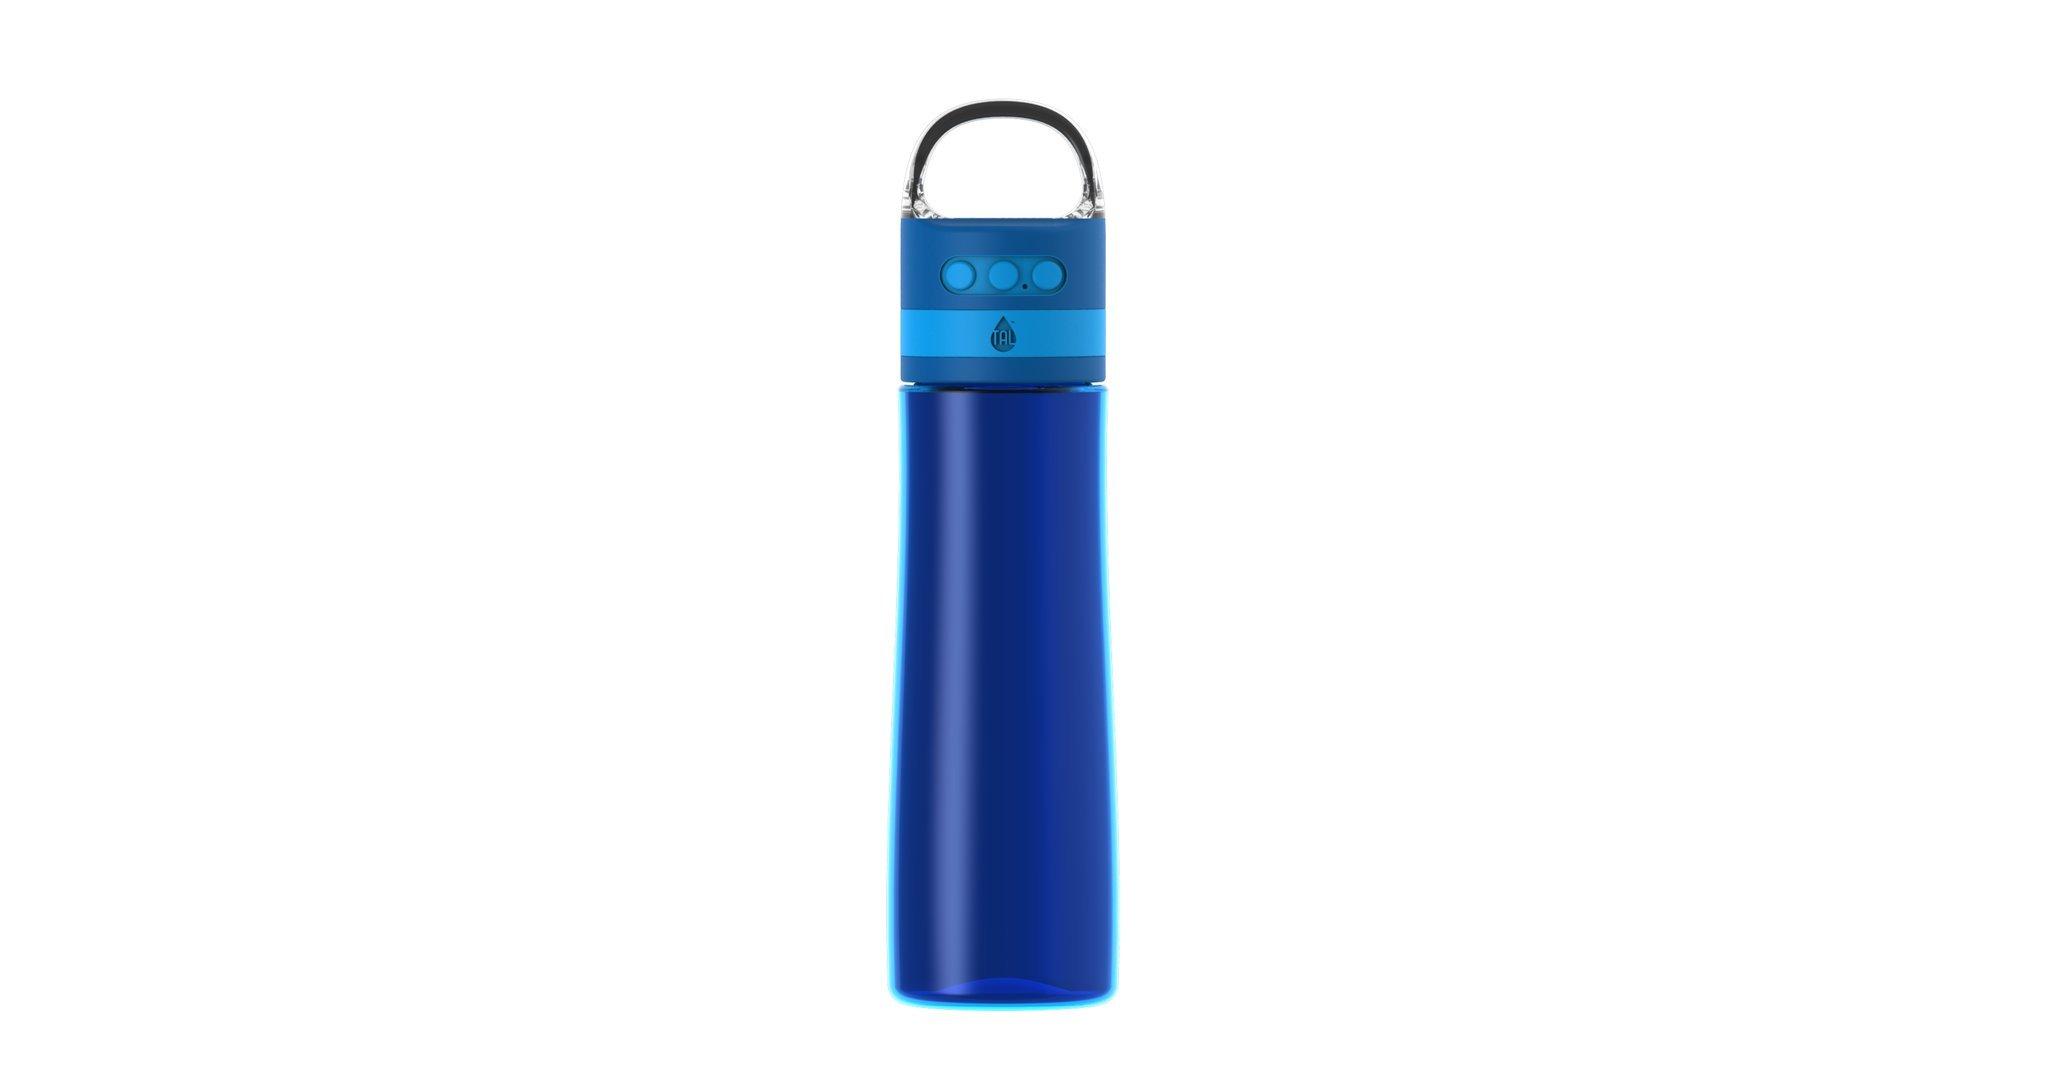 TAL Bluetooth Wireless Speaker 28 oz Water Bottle | with...